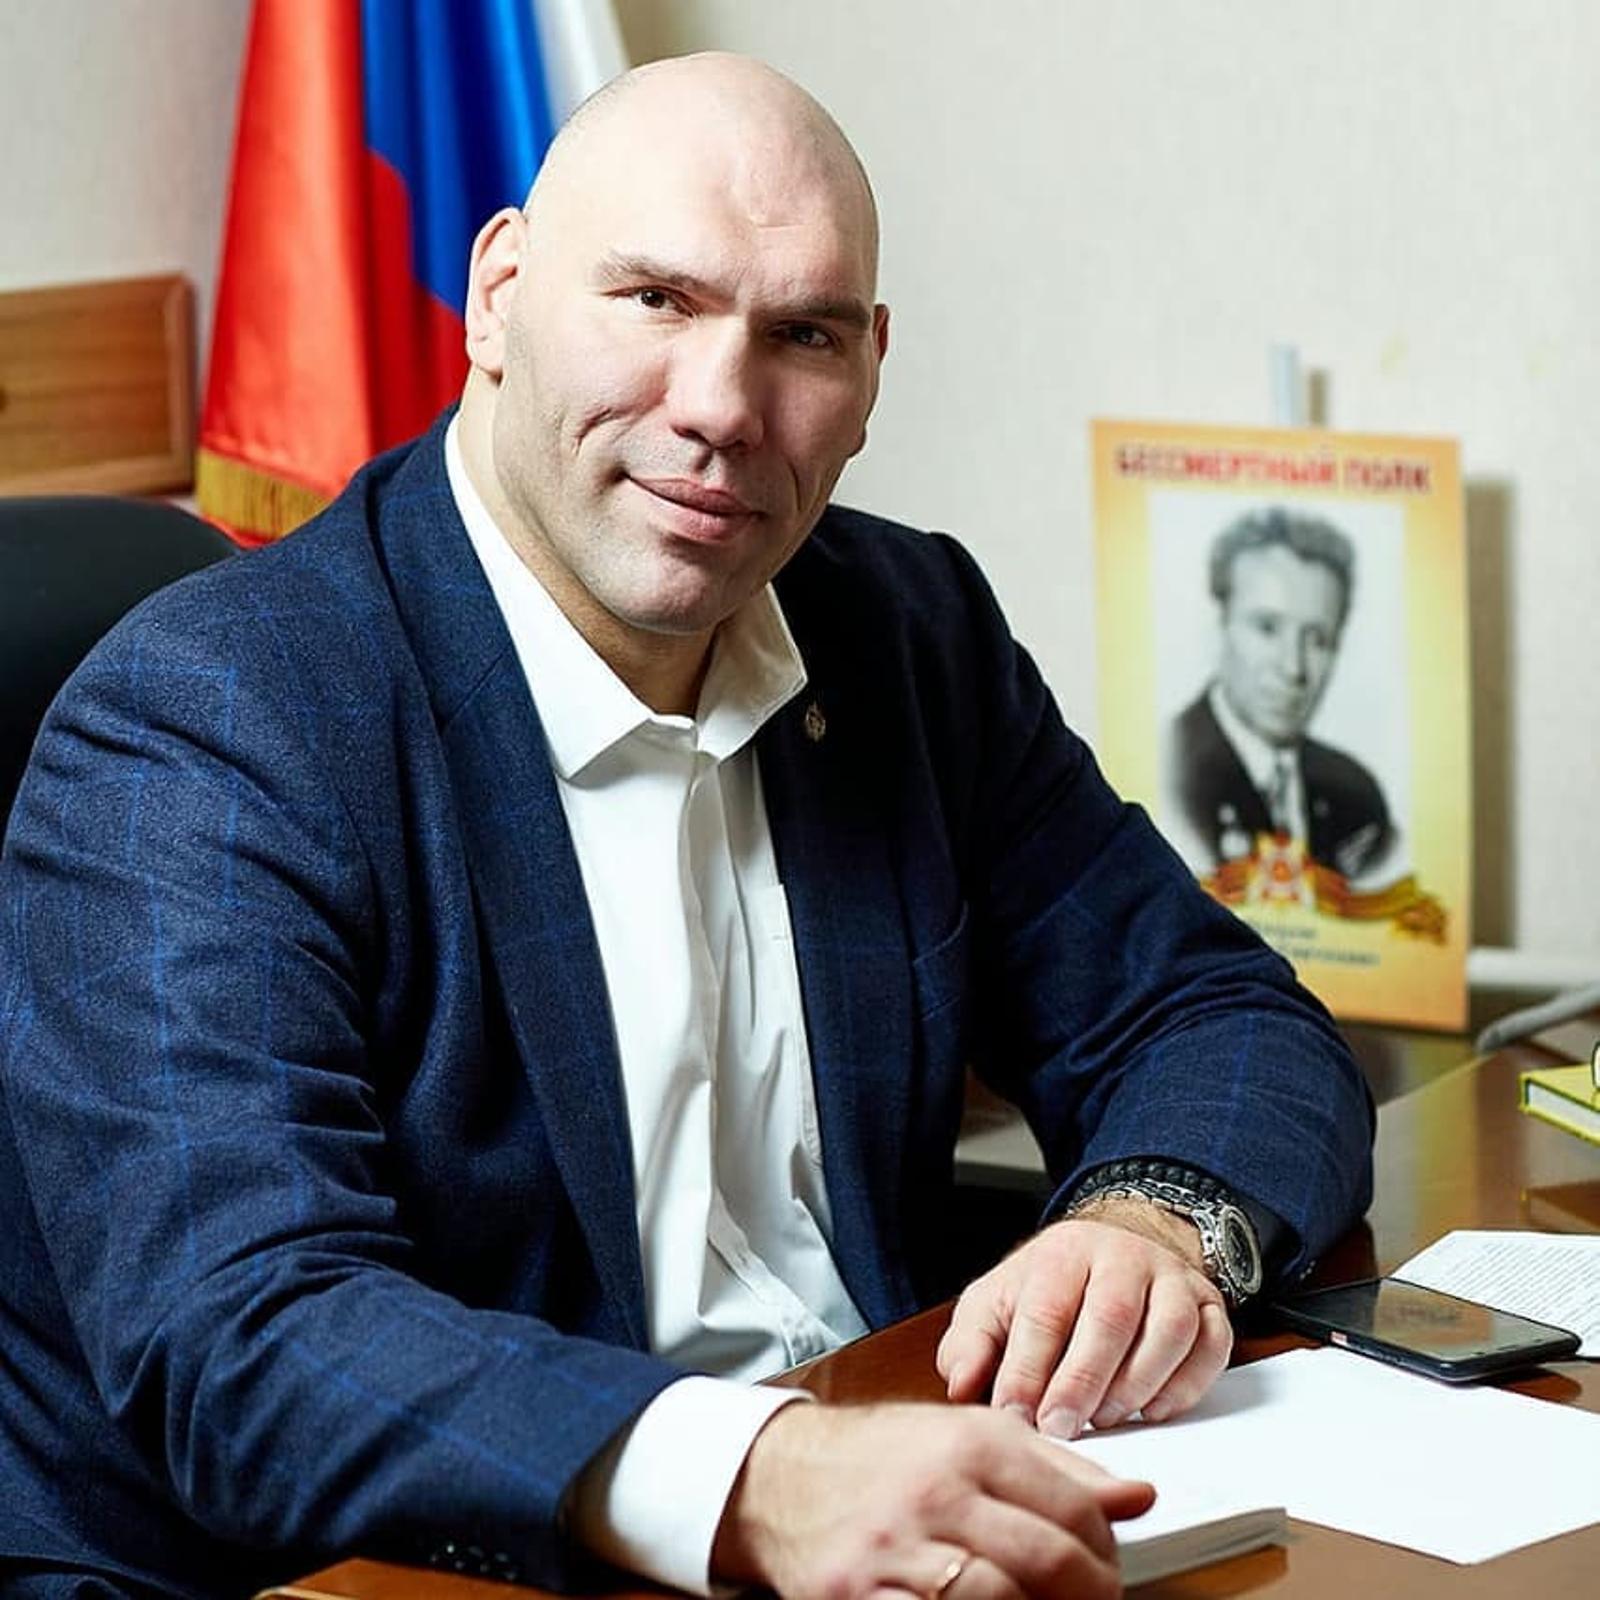 Николай Валуев высказался против законопроекта о профилактике семейного насилия